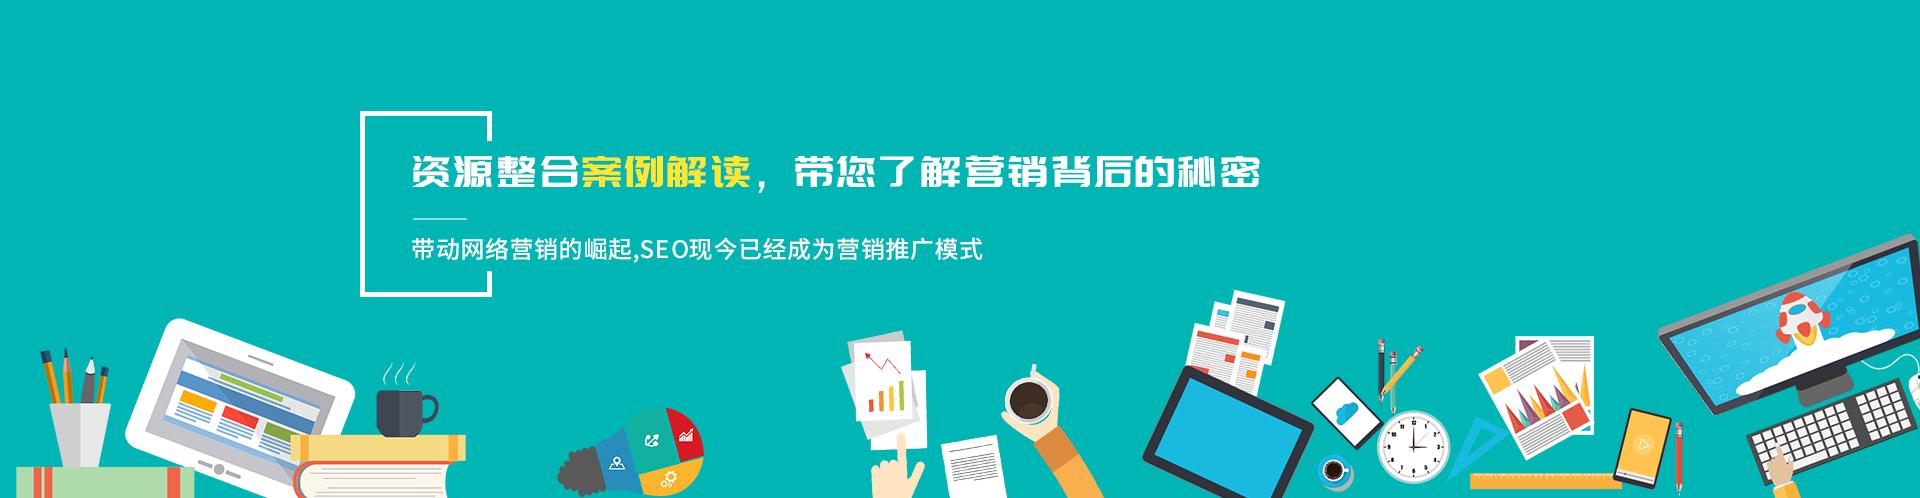 产品中心-金鲤云搜索营销系统